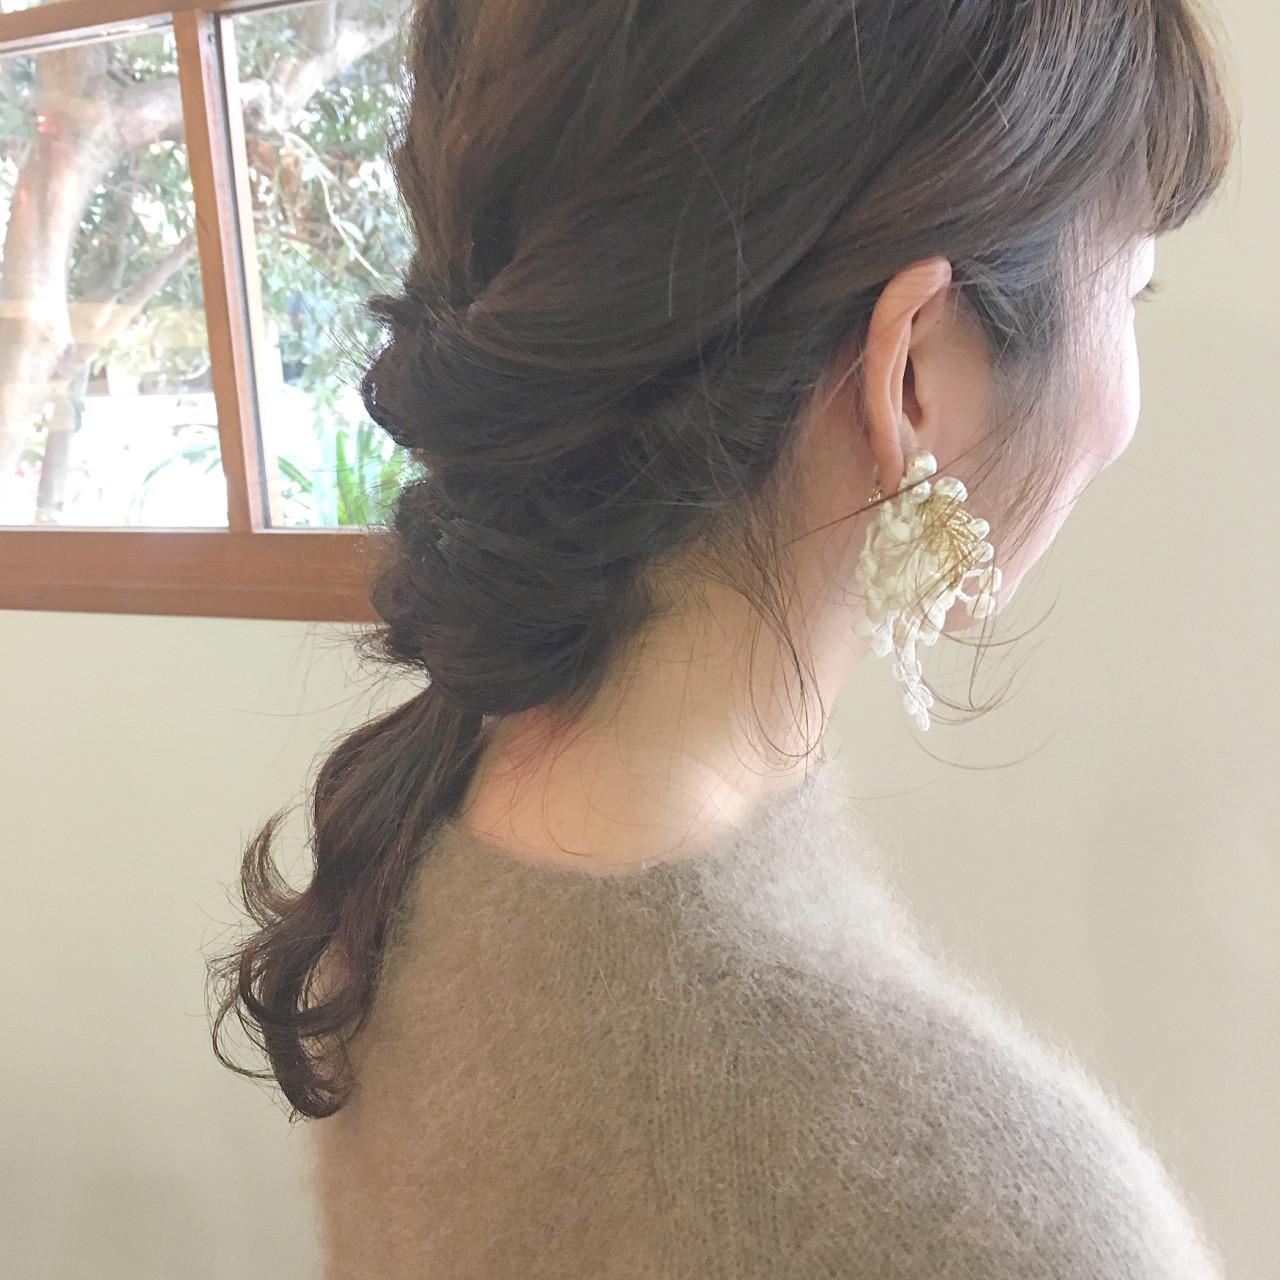 ベージュ 簡単ヘアアレンジ アンニュイほつれヘア セミロング ヘアスタイルや髪型の写真・画像 | 杉本あさか asa / buzz北堀江